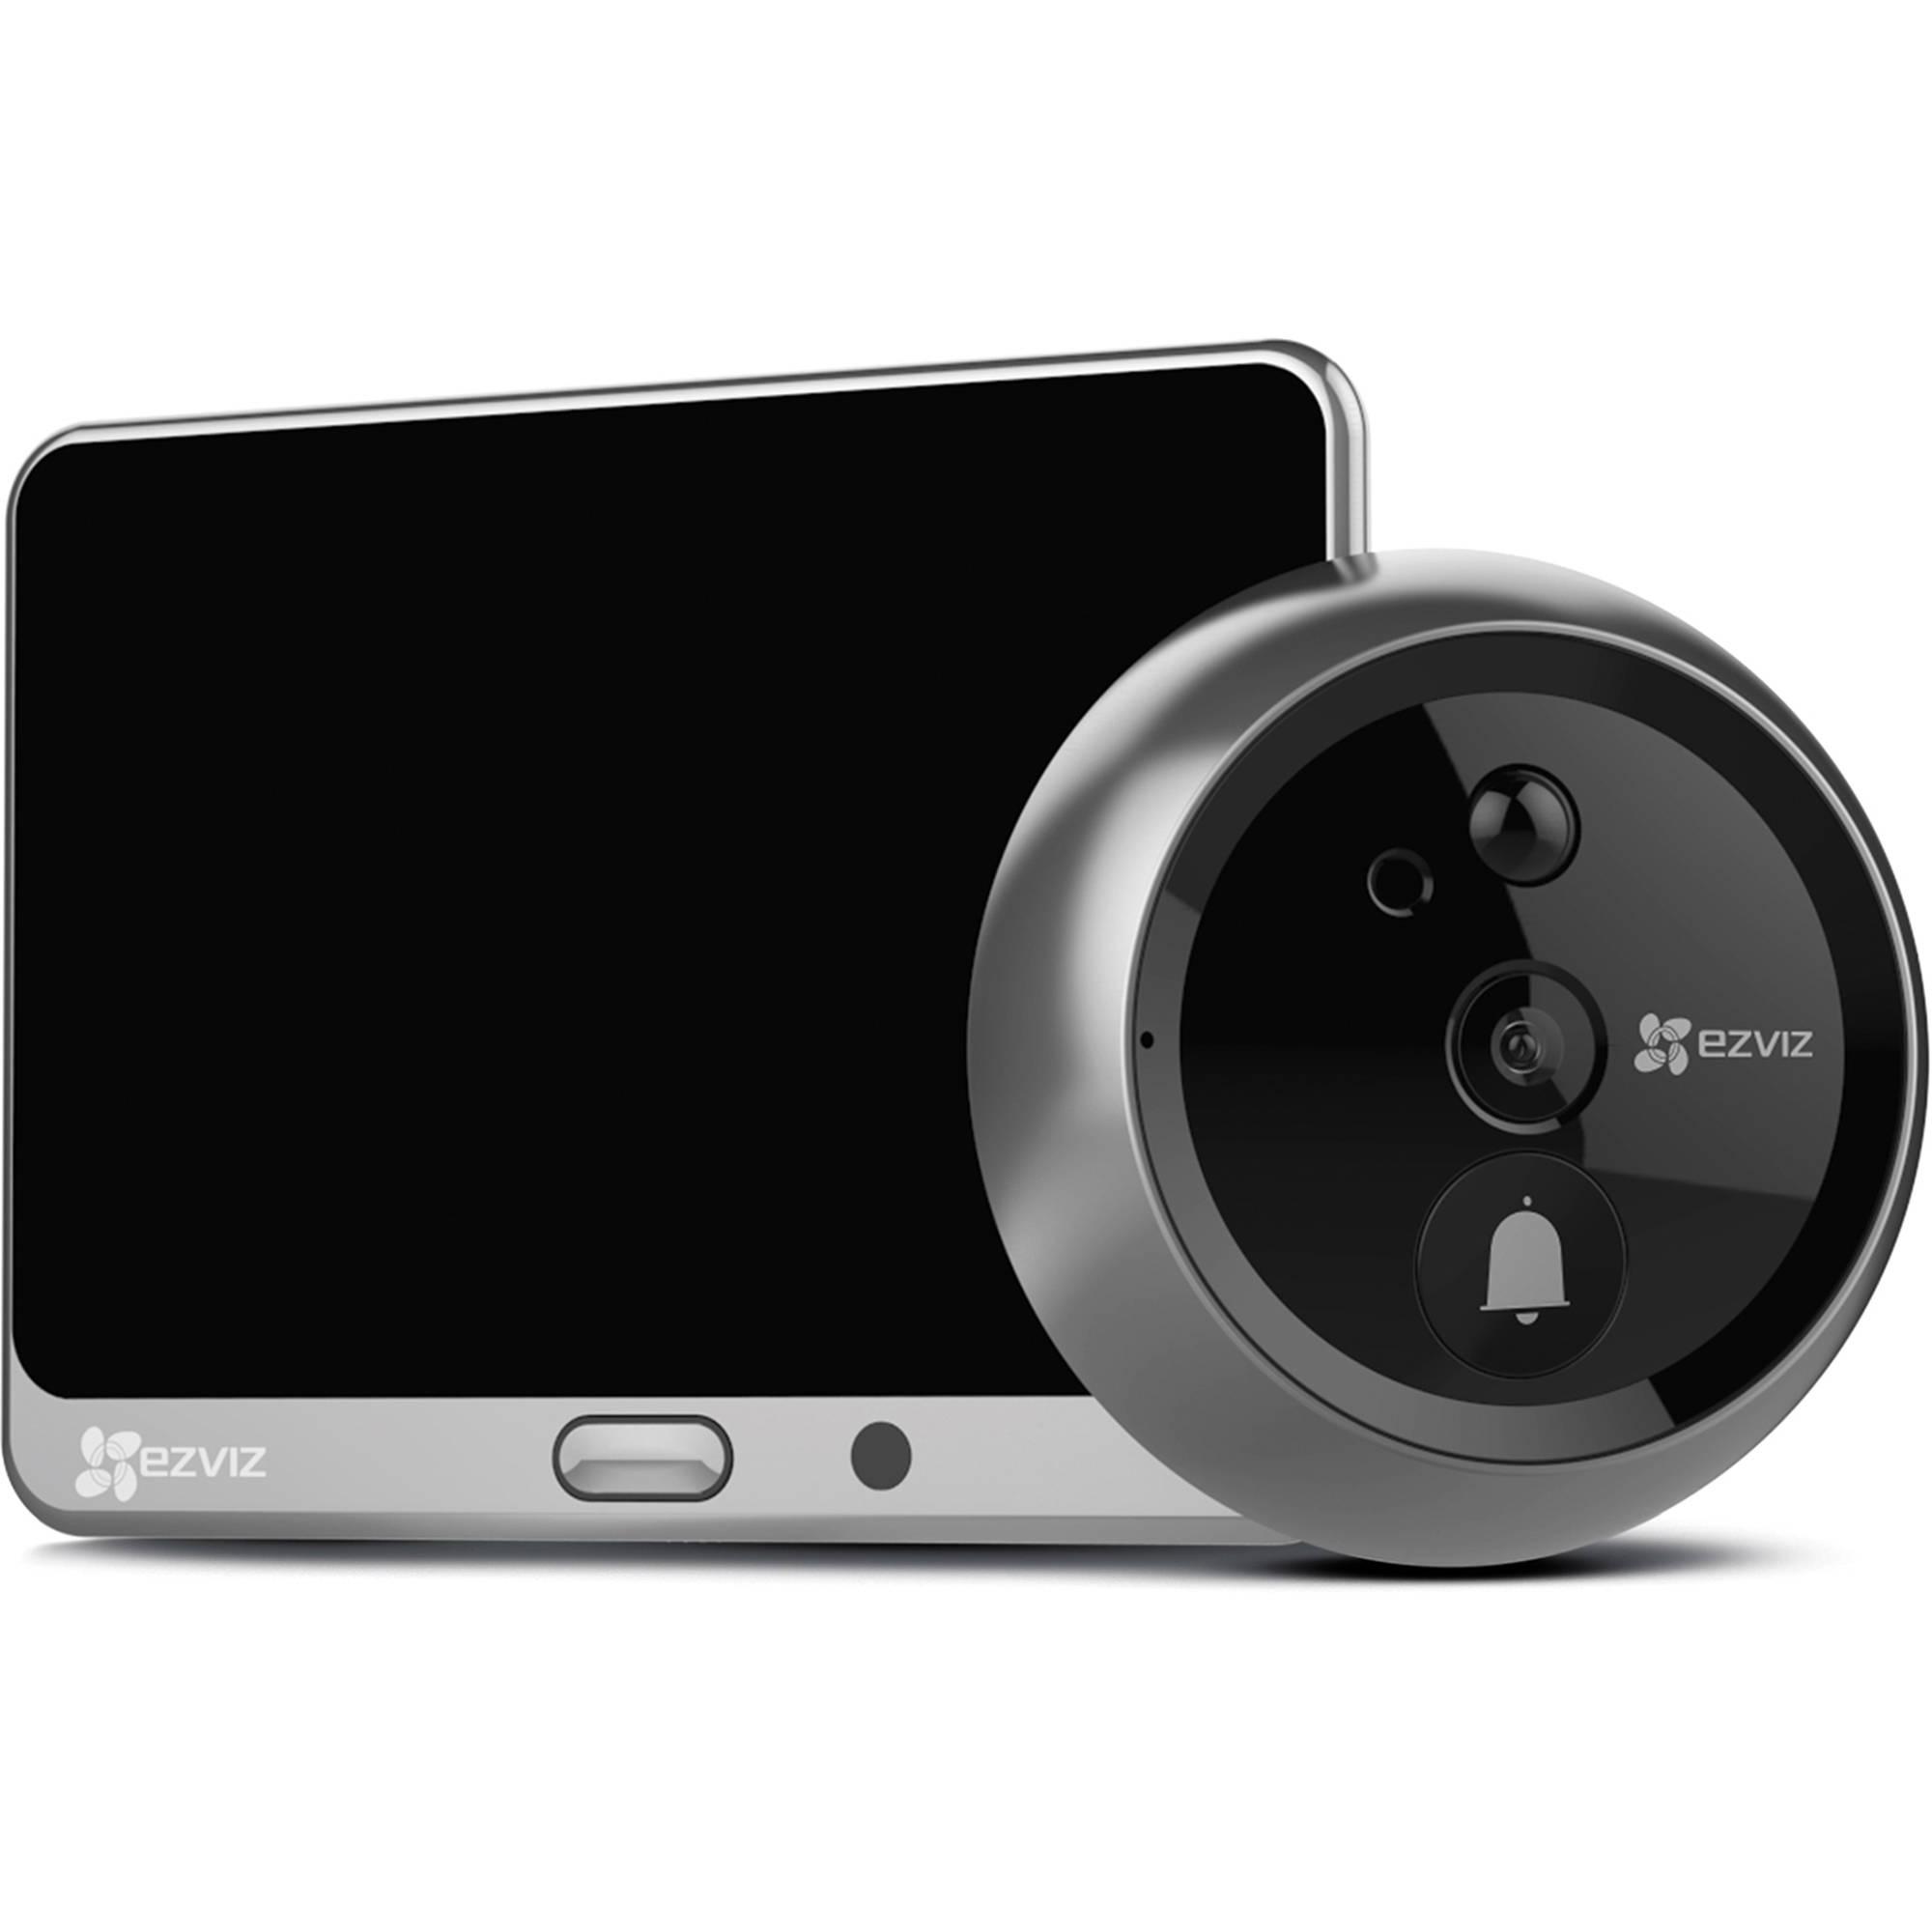 ezviz dp1  ezviz DP1 Wi-Fi Smart Door Viewer Video Intercom EZ3364A1SM B&H